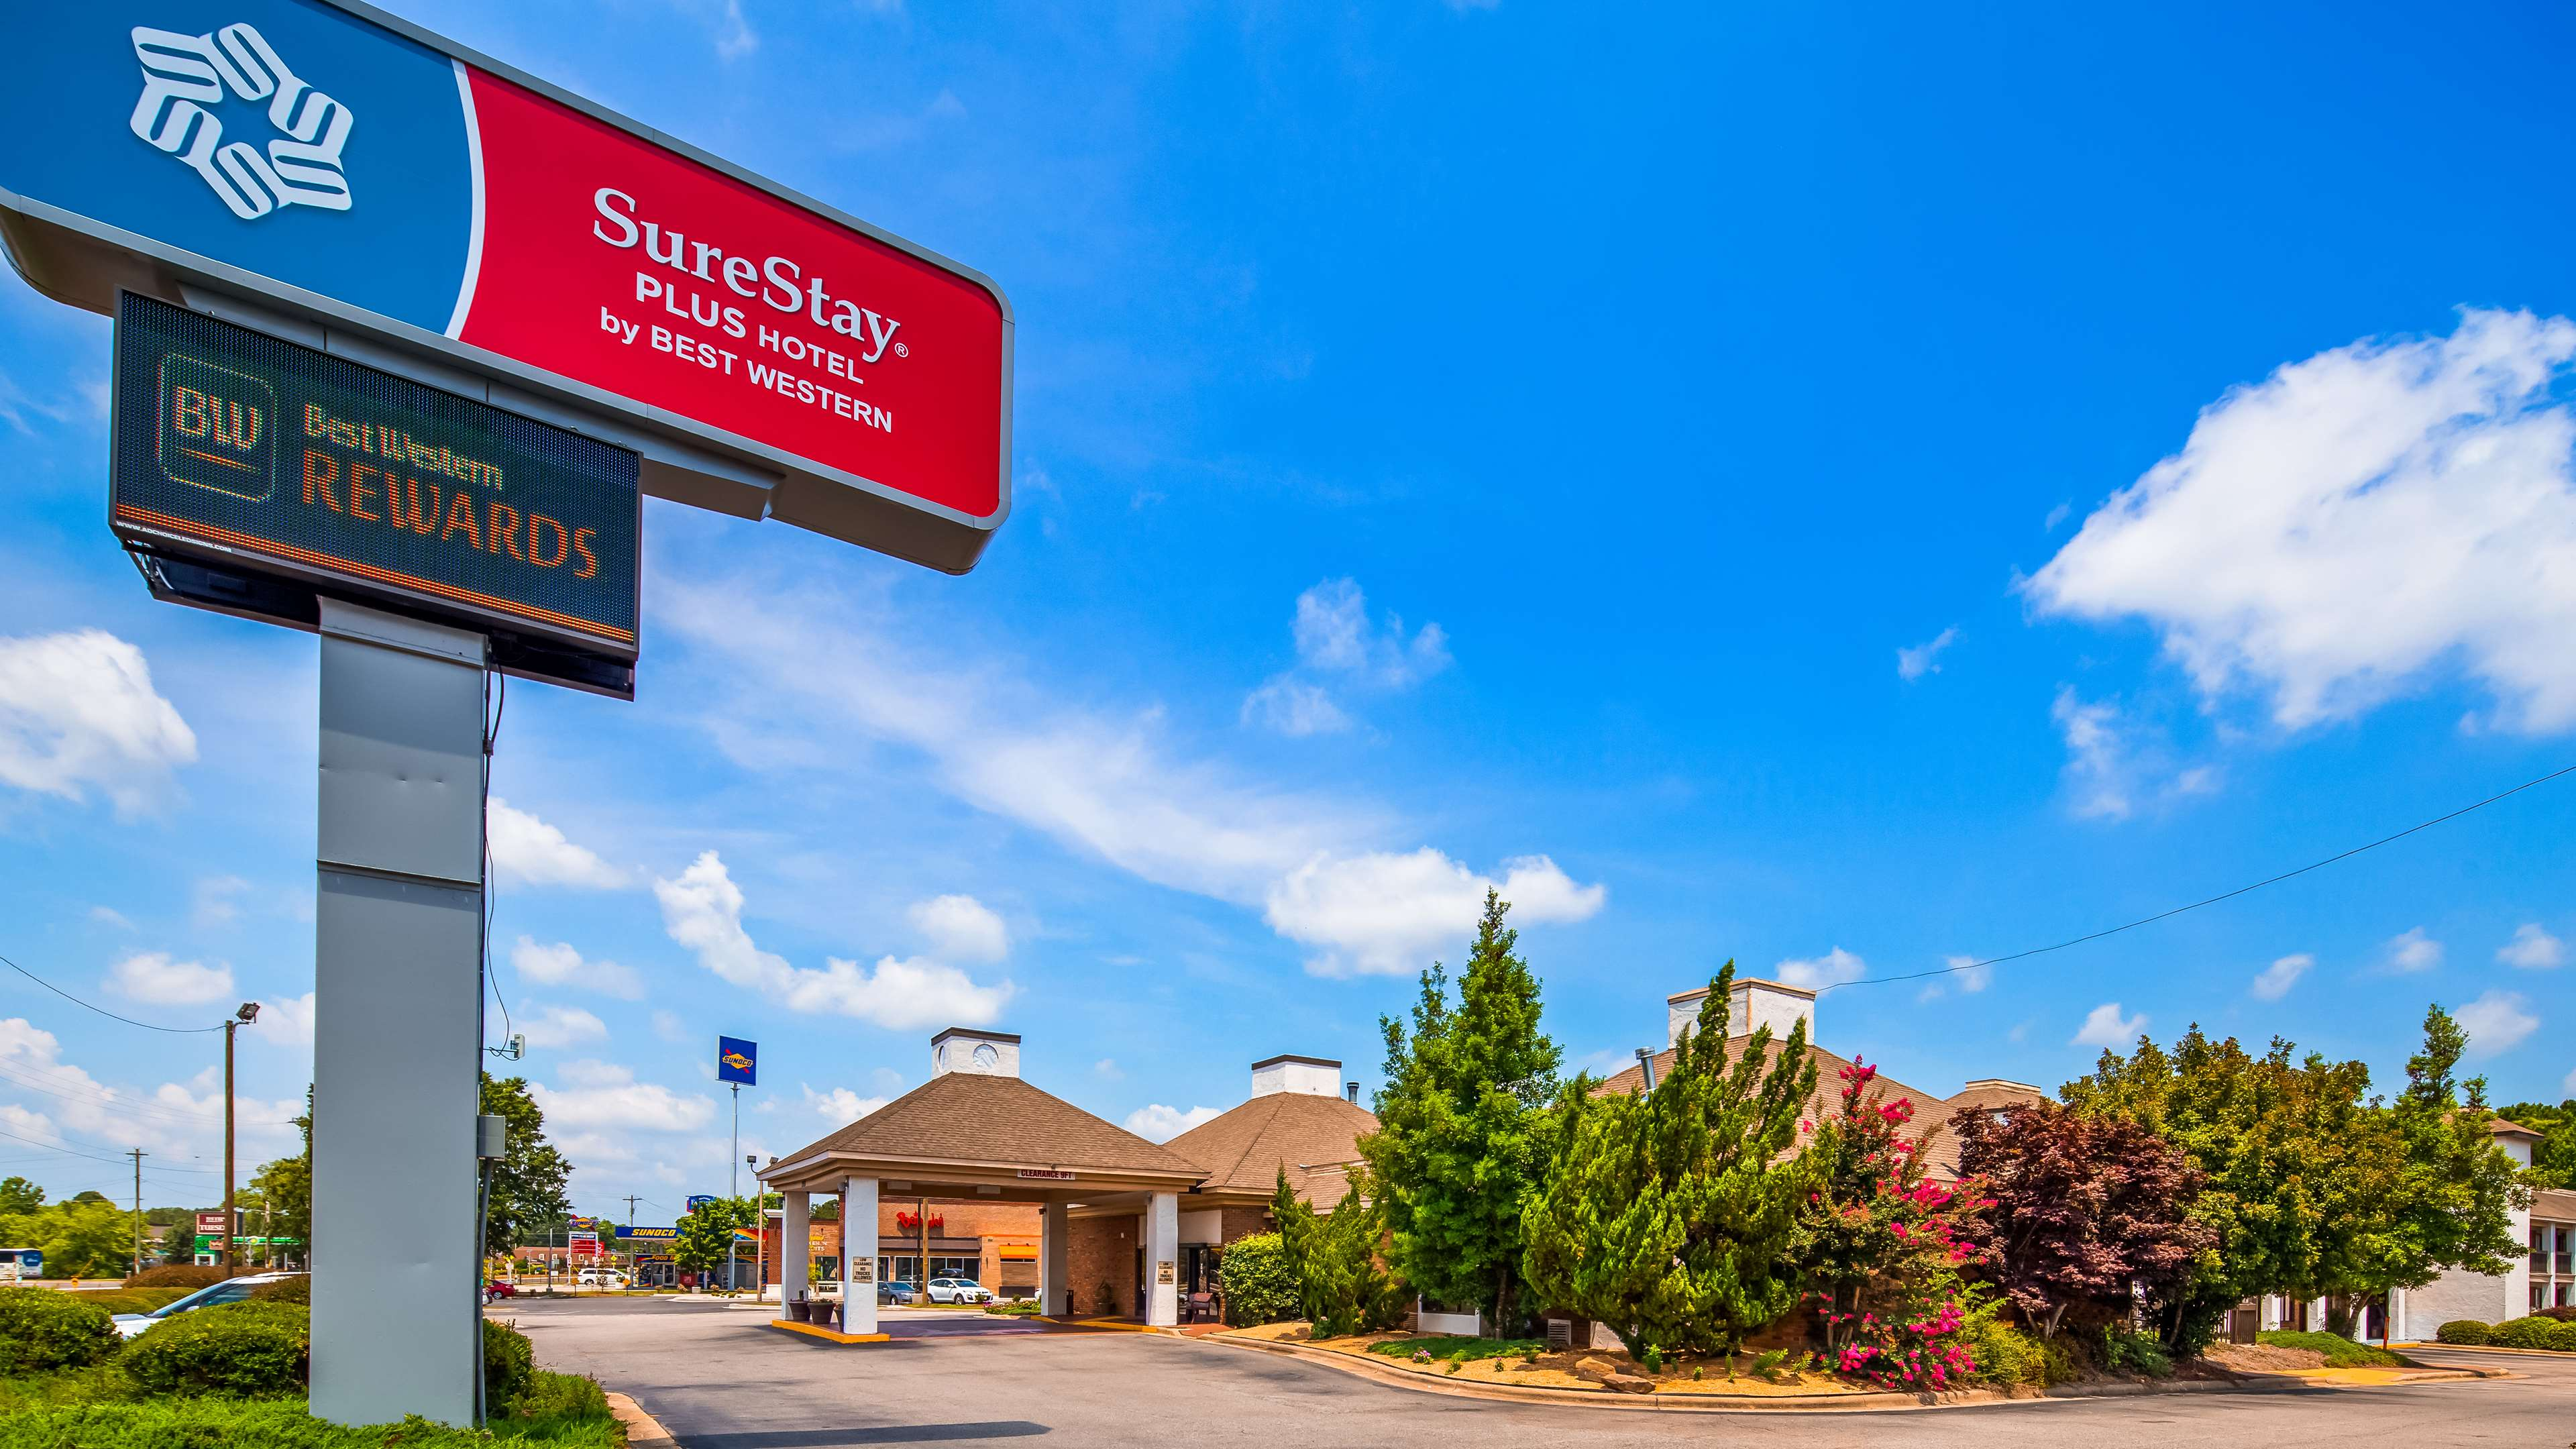 SureStay Plus Hotel by Best Western Fayetteville image 0